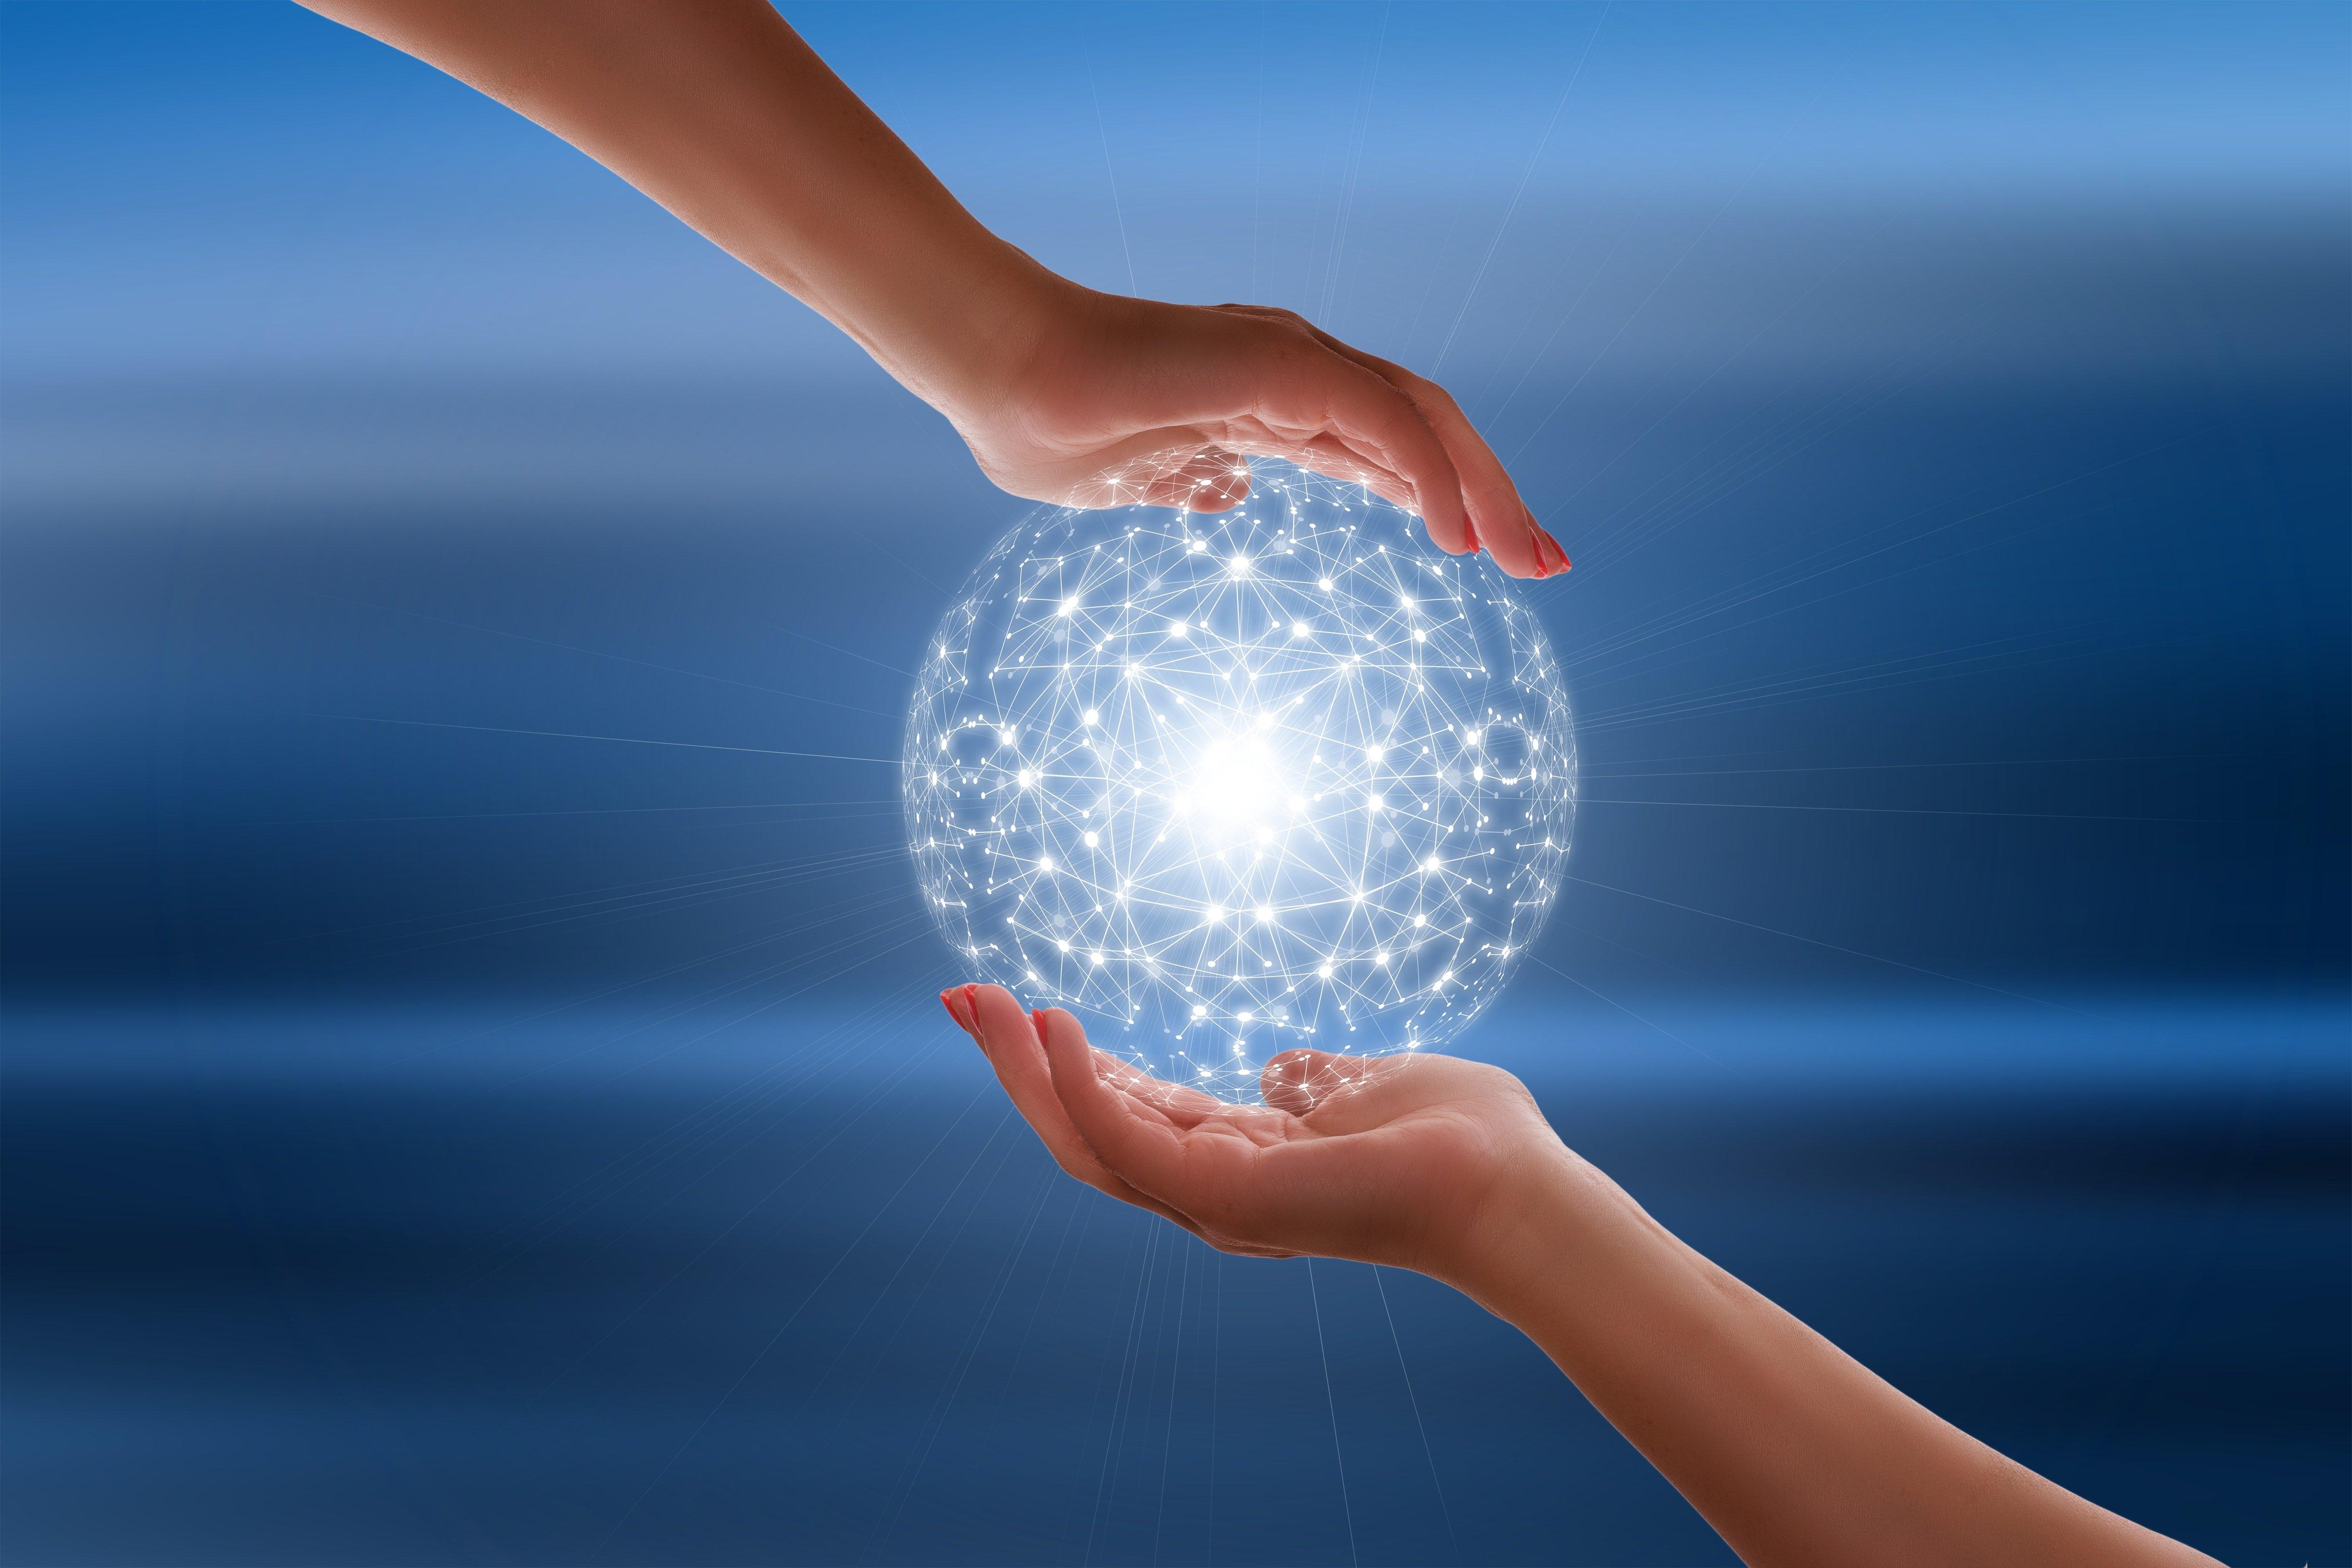 La infraestructura tecnológica: Elemento clave para motorizar el aprendizaje de la organización